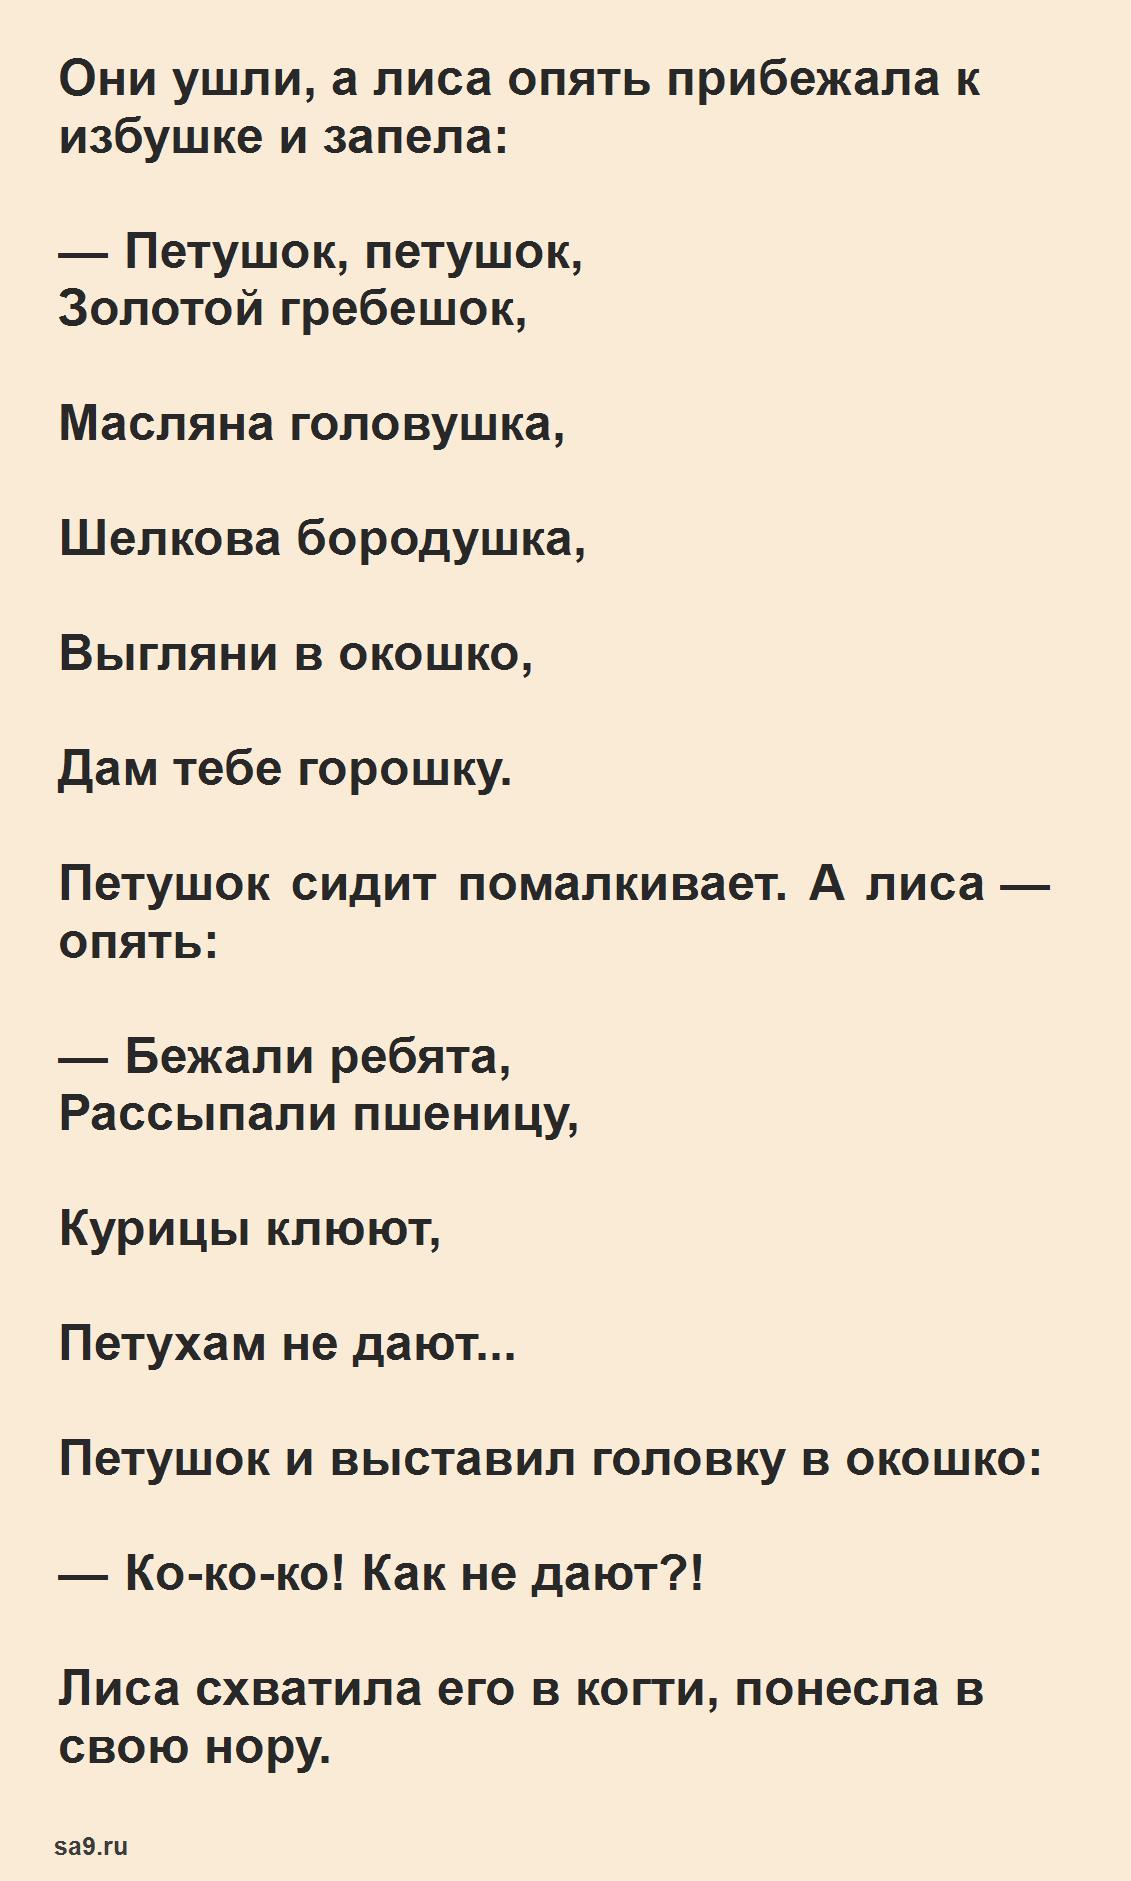 Русская народная сказка - Петушок золотой гребешок, читать онлайн бесплатно